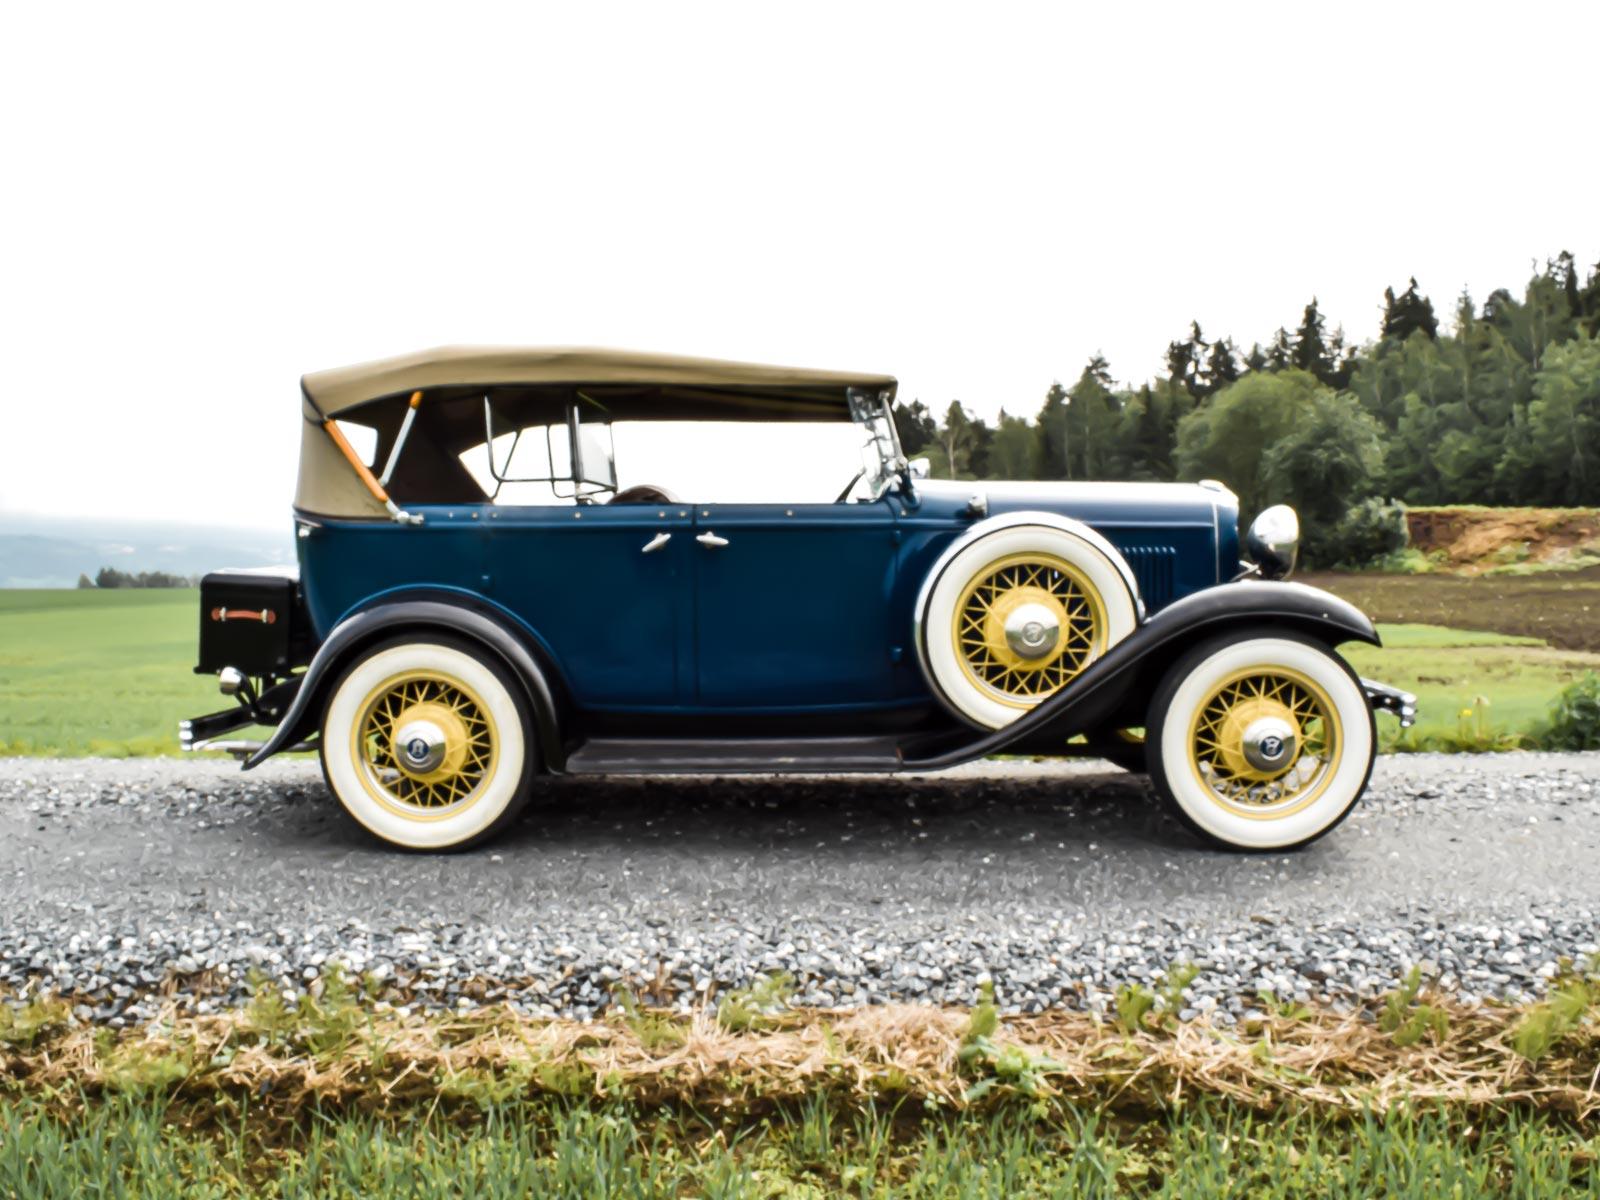 Ford B V8 Phaeton 1932 modell. Se vårt utvalg av biler.